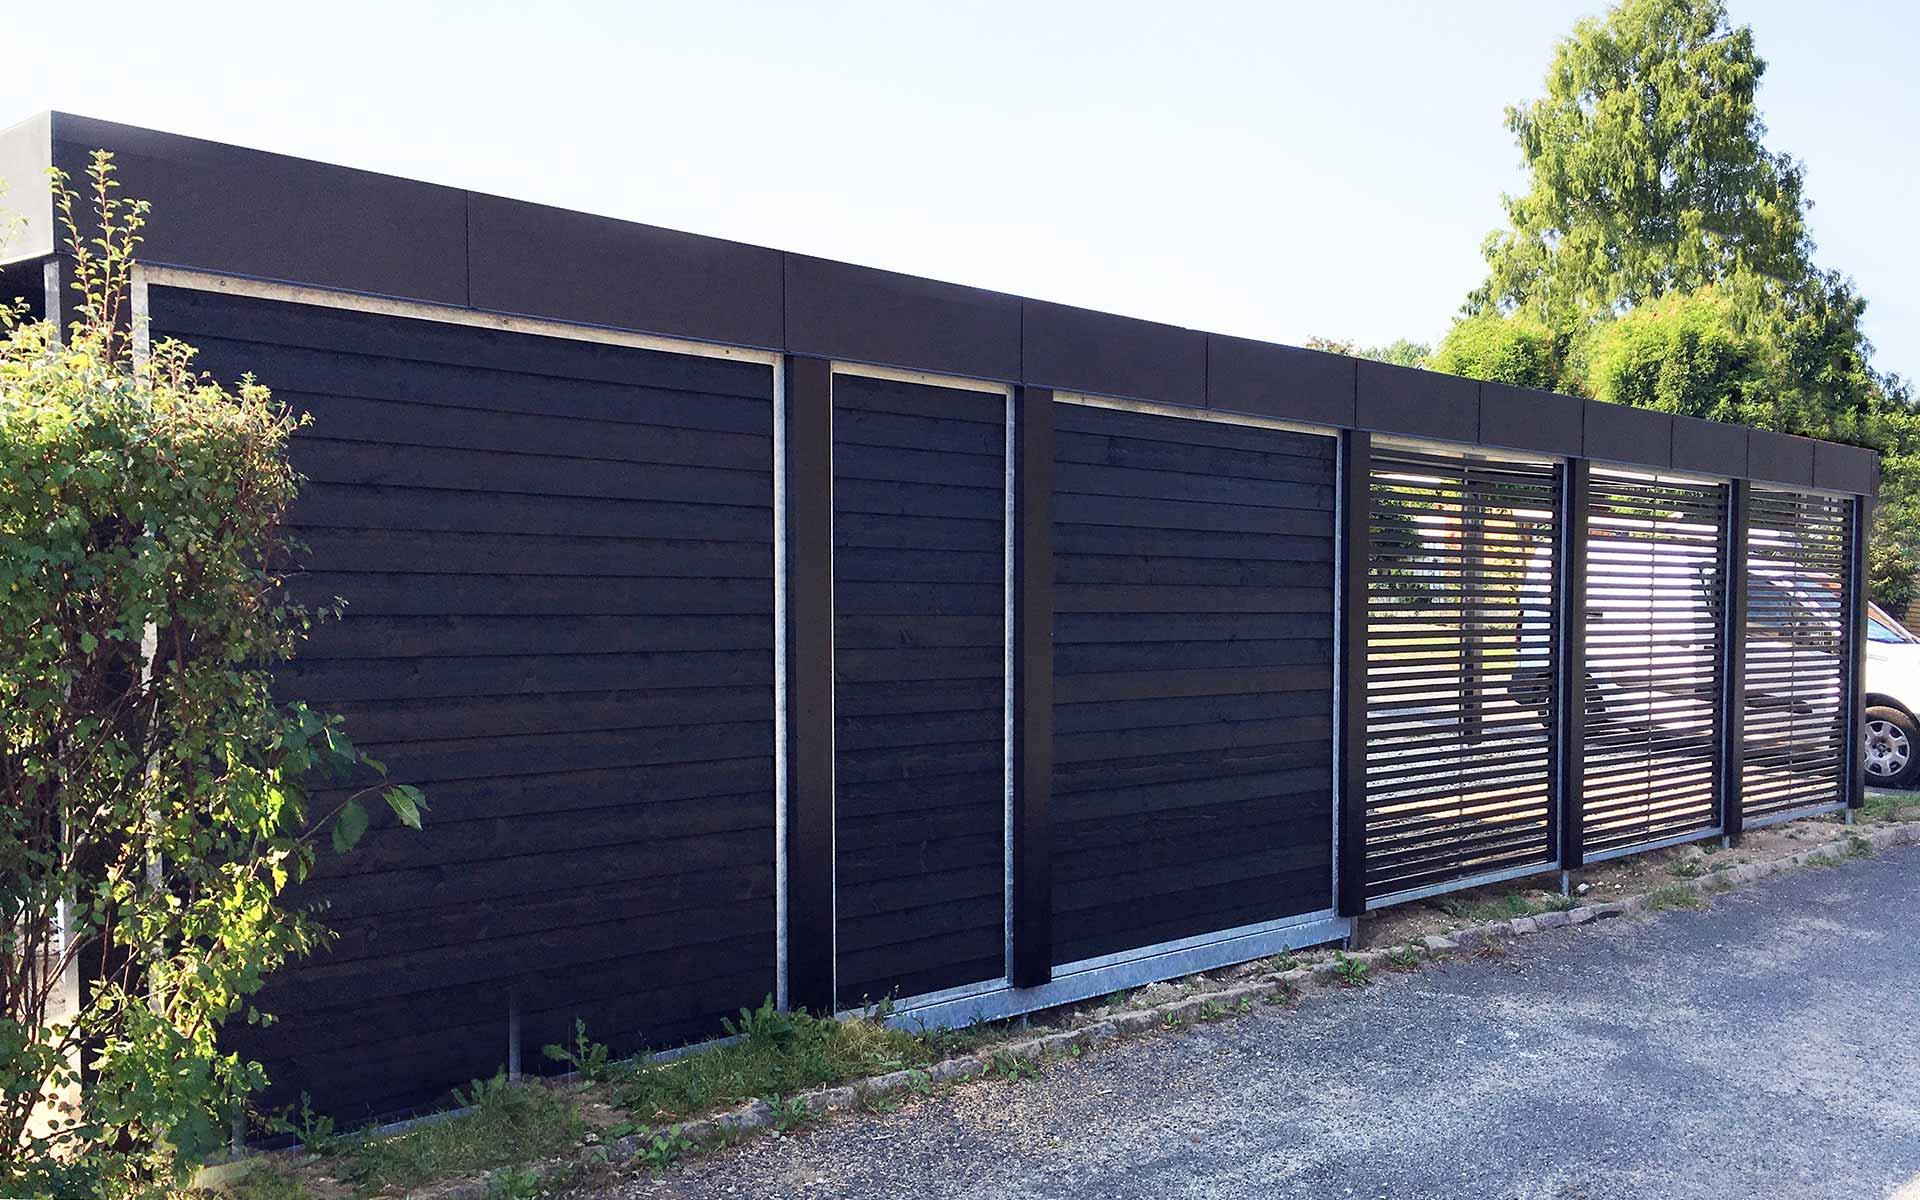 stockholm serien enkelt og dobbelt carport design din moduo carport. Black Bedroom Furniture Sets. Home Design Ideas